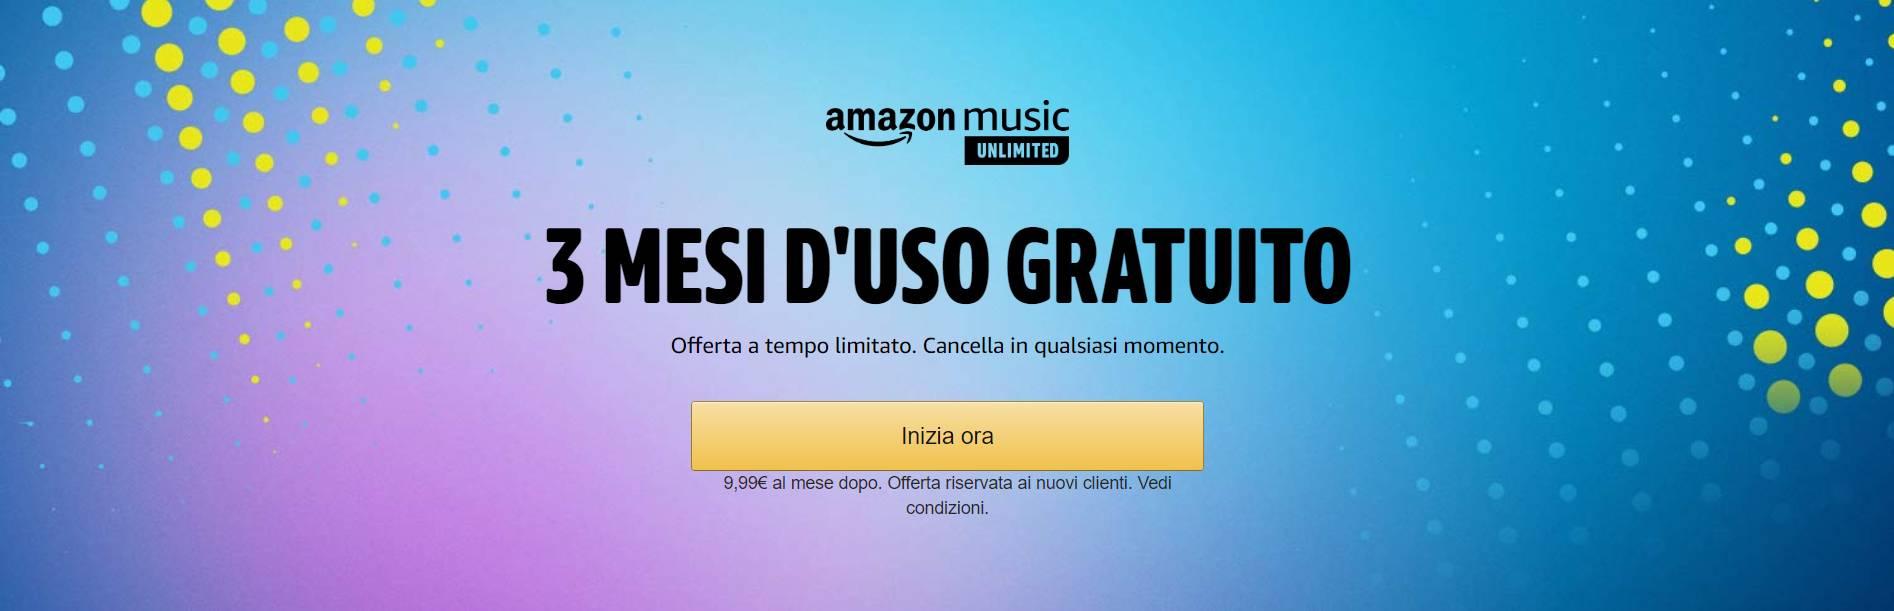 Amazon Music Unlimited - luglio 2020